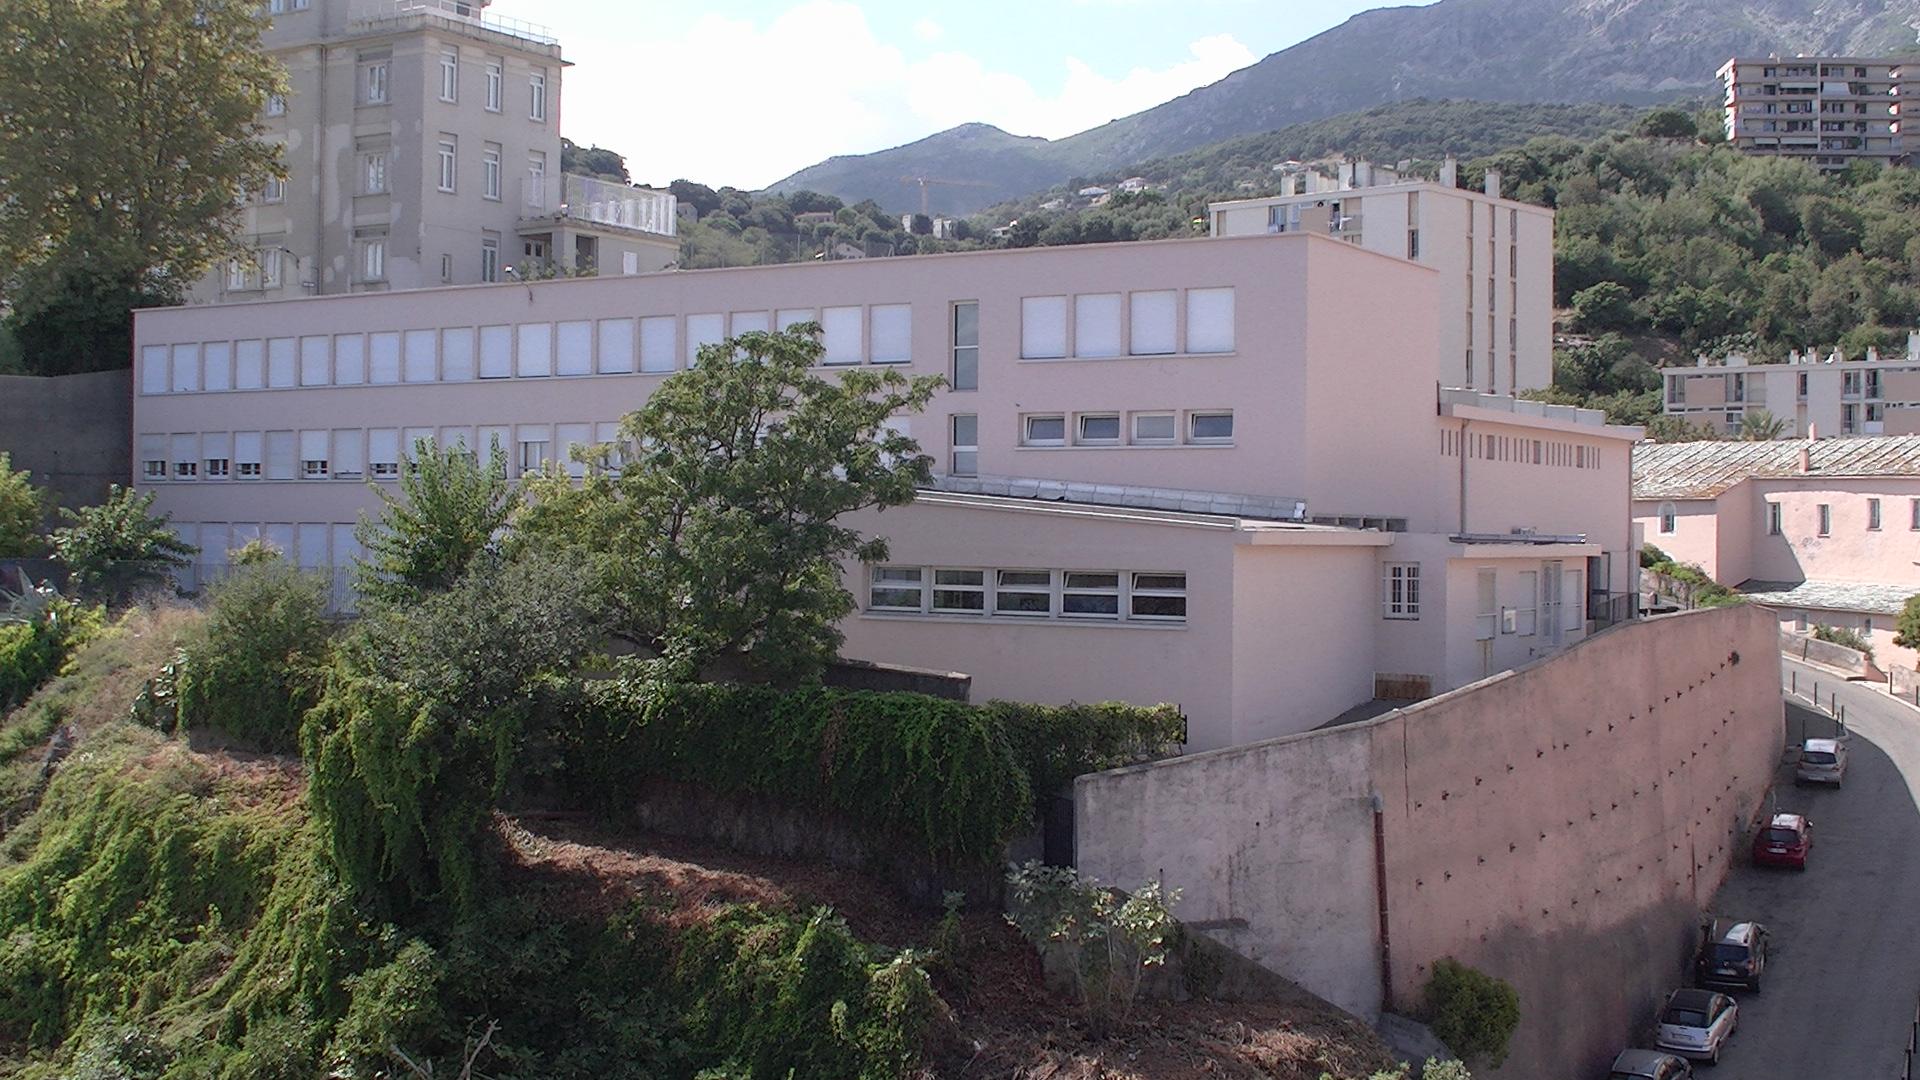 Dans quelques jours, l'école Campanari et les autres écoles bastiaises accueilleront 2800 élèves